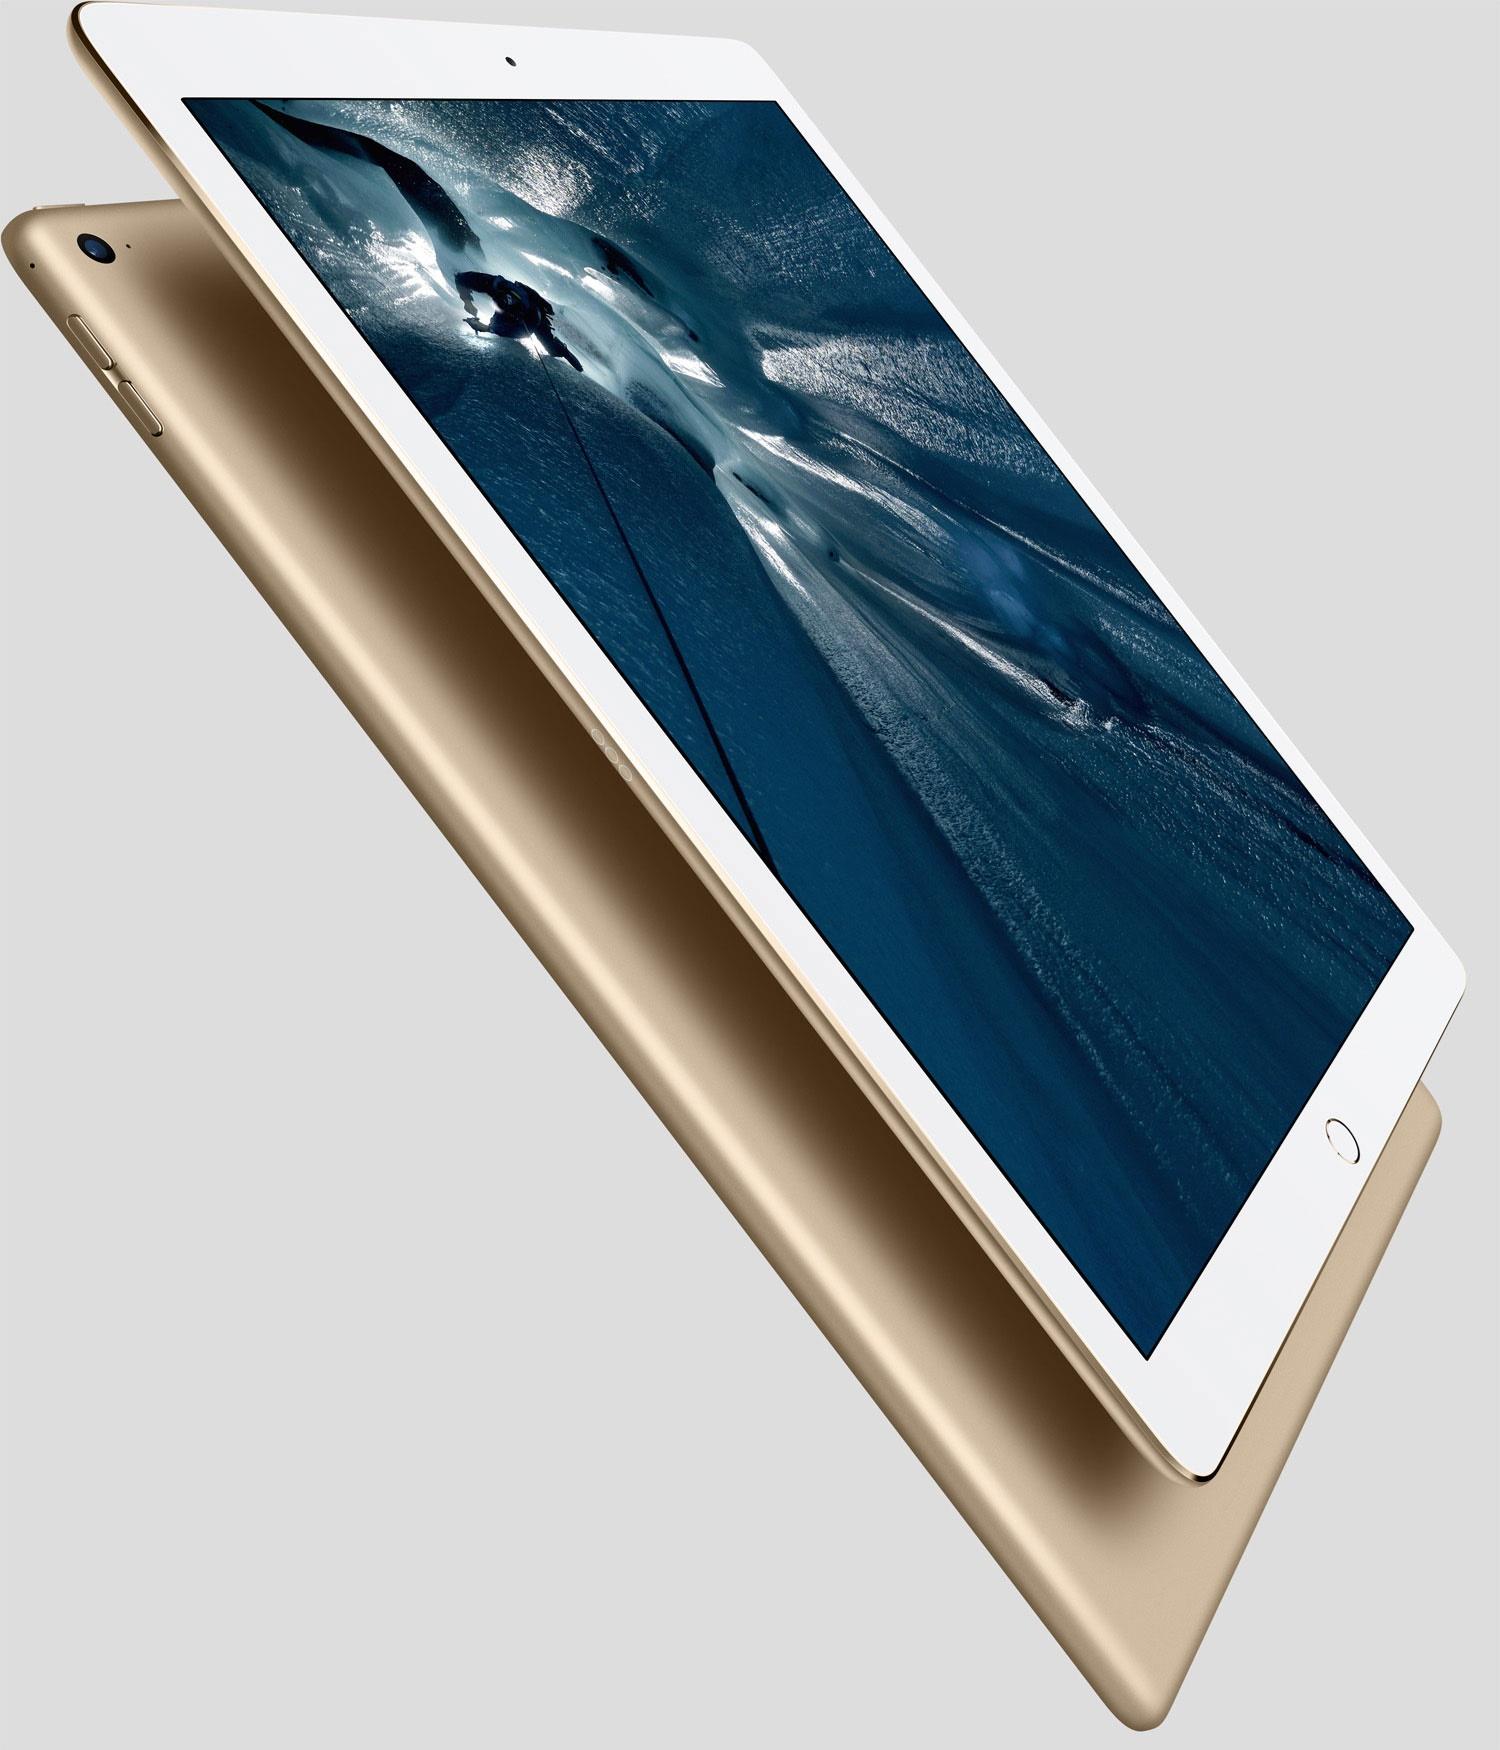 تبلت جدید اپل چه ویژگیهایی دارد؟/همکاری لاجیتک با اپل در ساخت کیبورد آی پد پرو تبلت جدید اپل چه ویژگیهایی دارد؟/همکاری لاجیتک با اپل در ساخت کیبورد آی پد پرو 15 9 10 105556two powerful lenses large